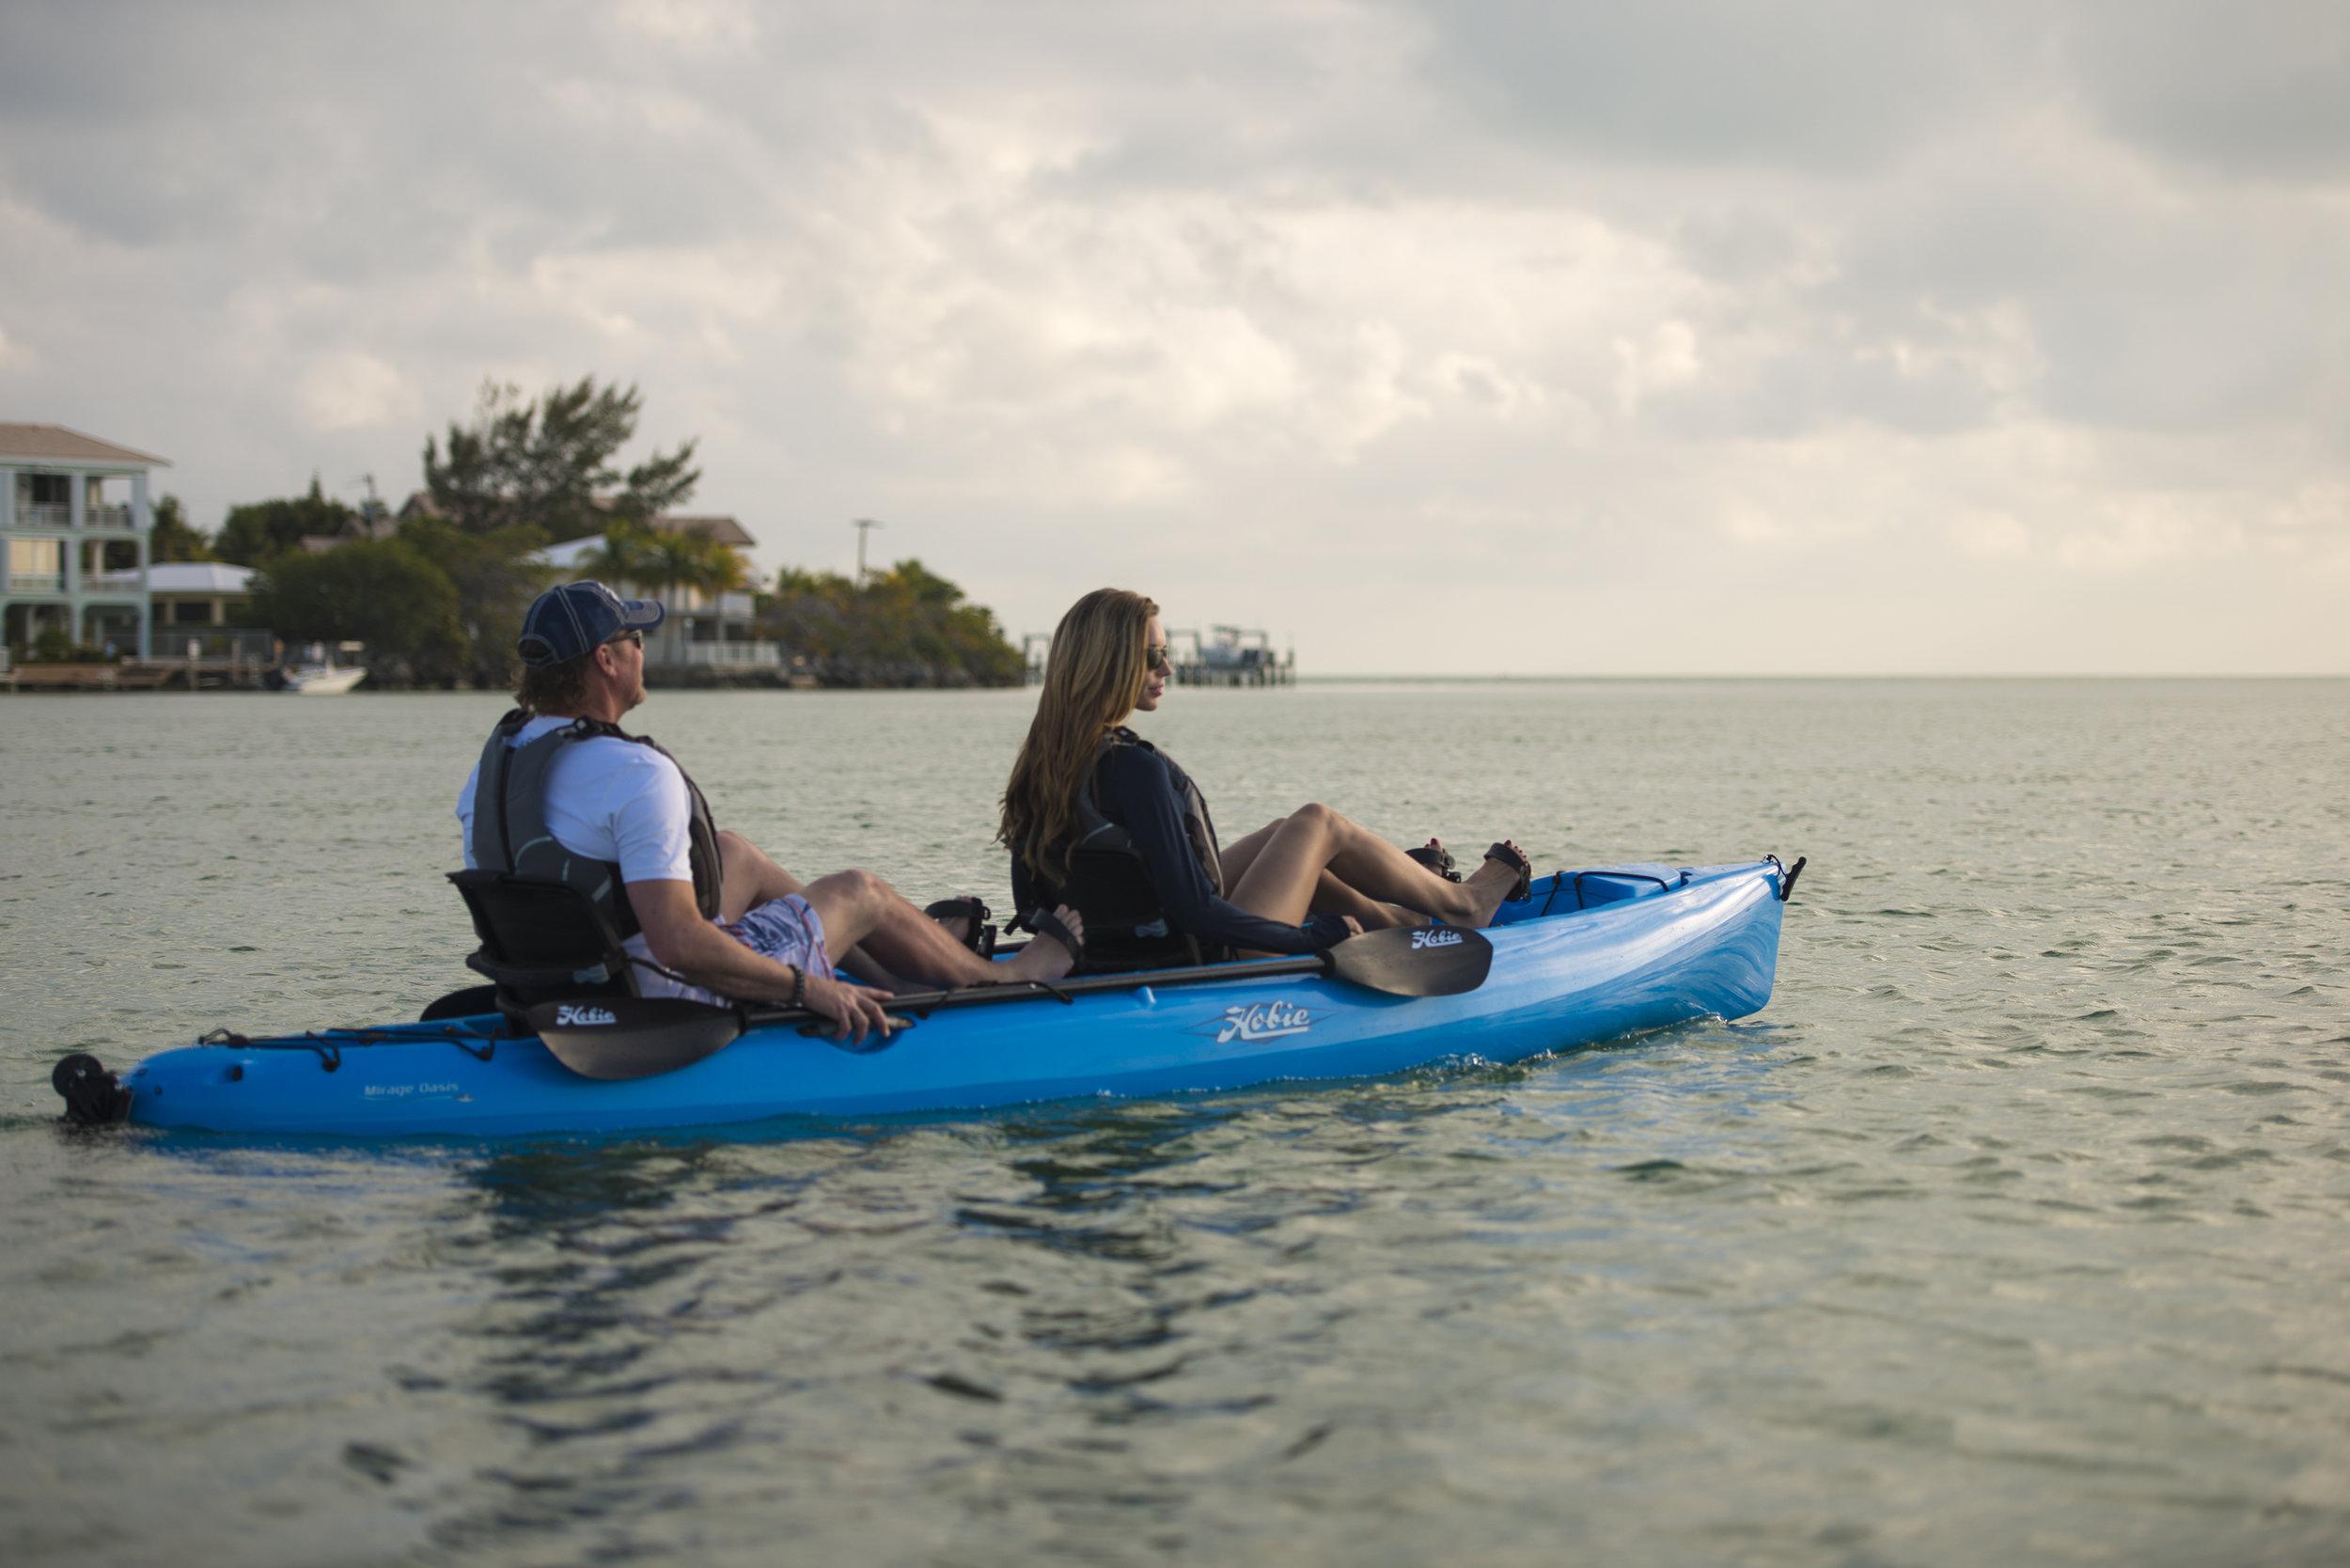 Oasis-action-blue-Florida-Root-Ocean-lg.jpg